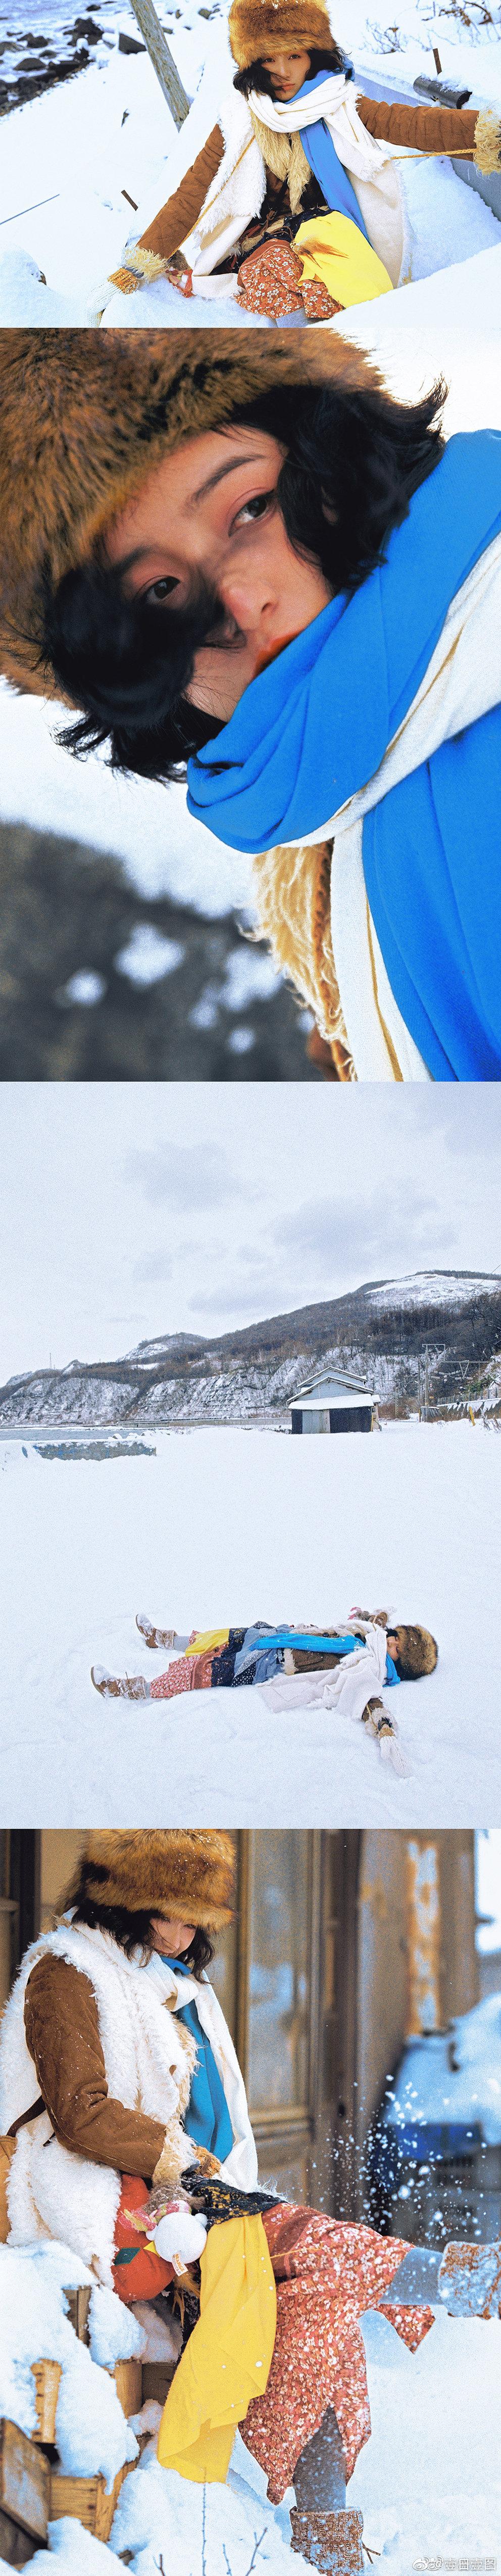 雪中七月.摄主:@盛浈予 @黄七月Hyut